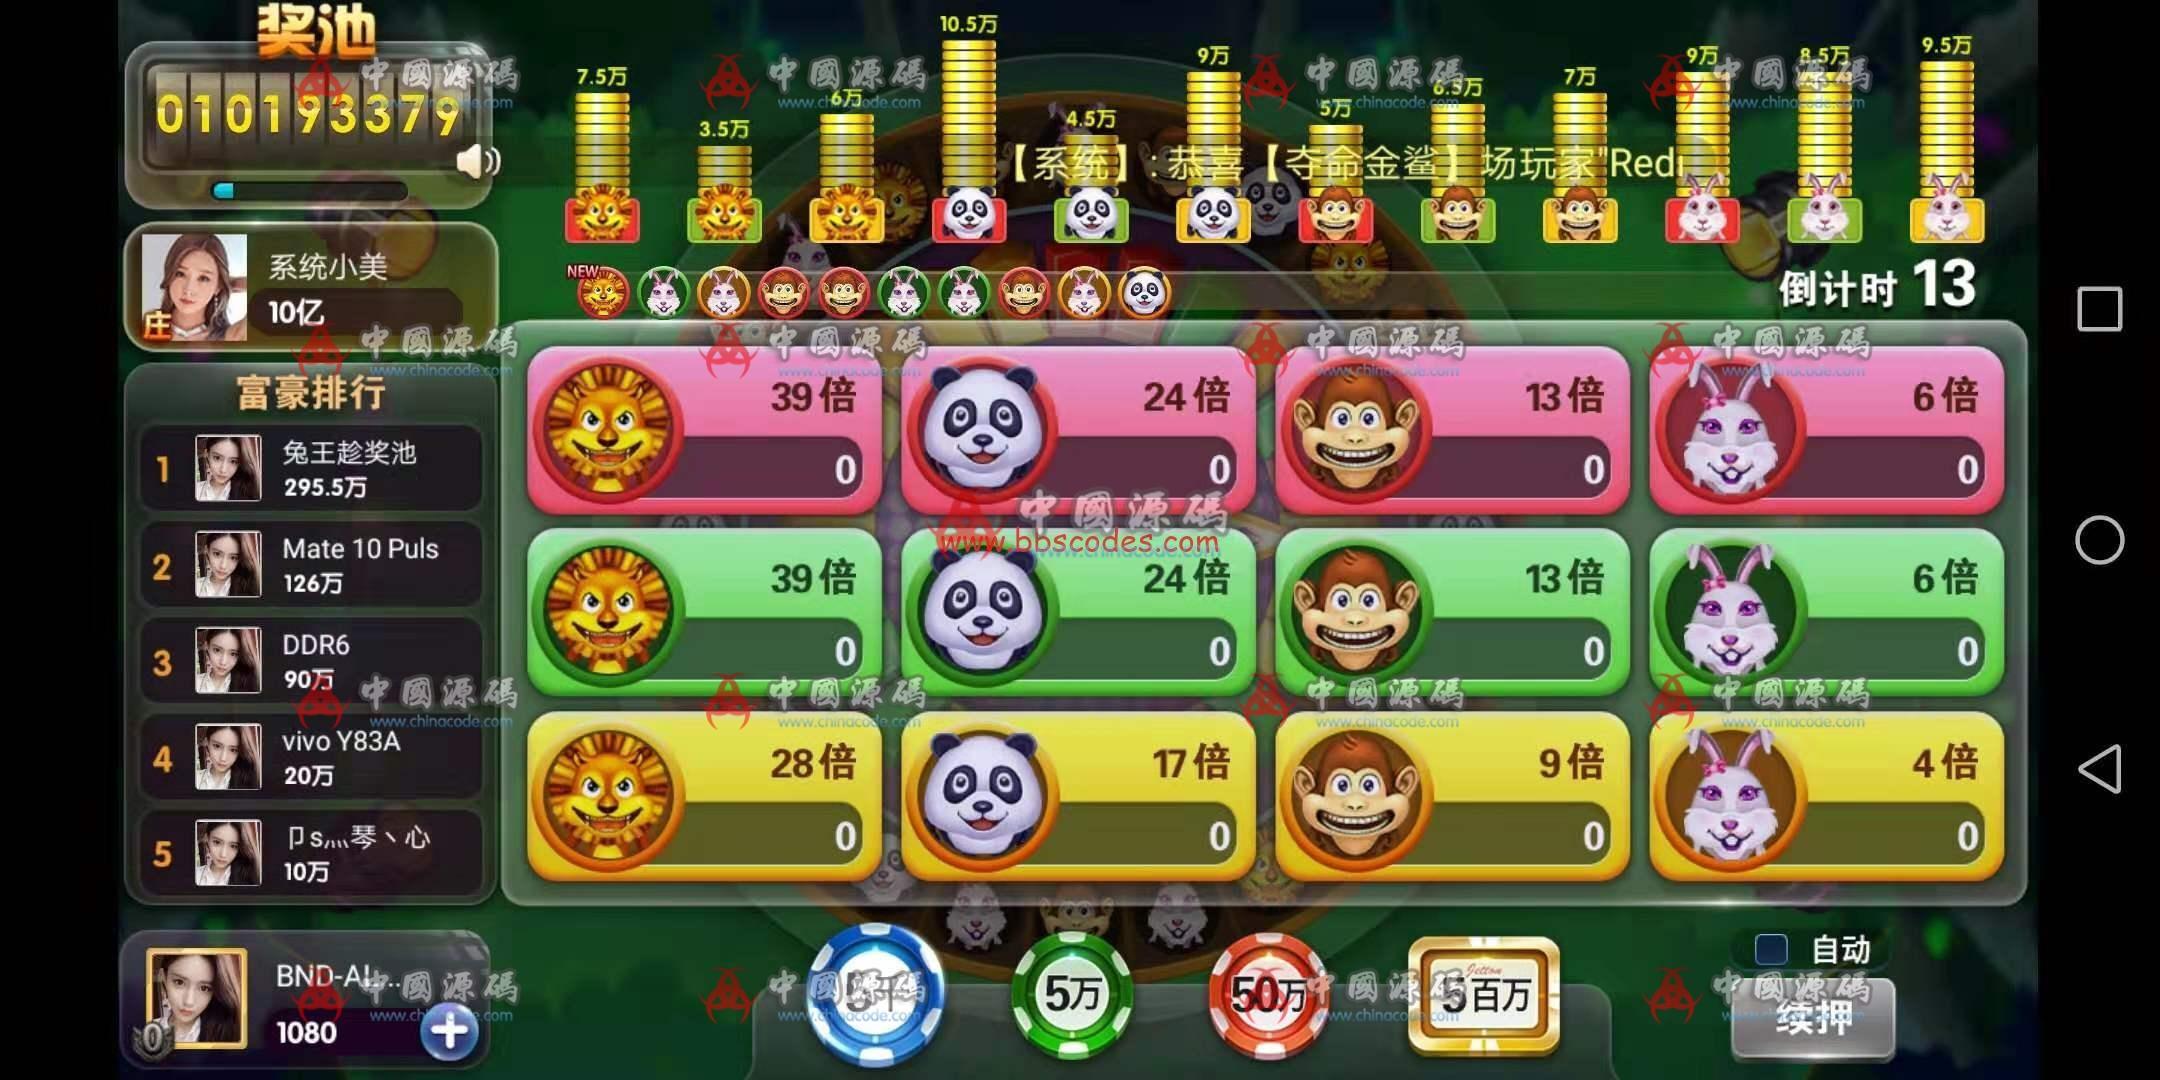 大王捕鱼游戏源码组件 带红包系统 棋牌-第3张